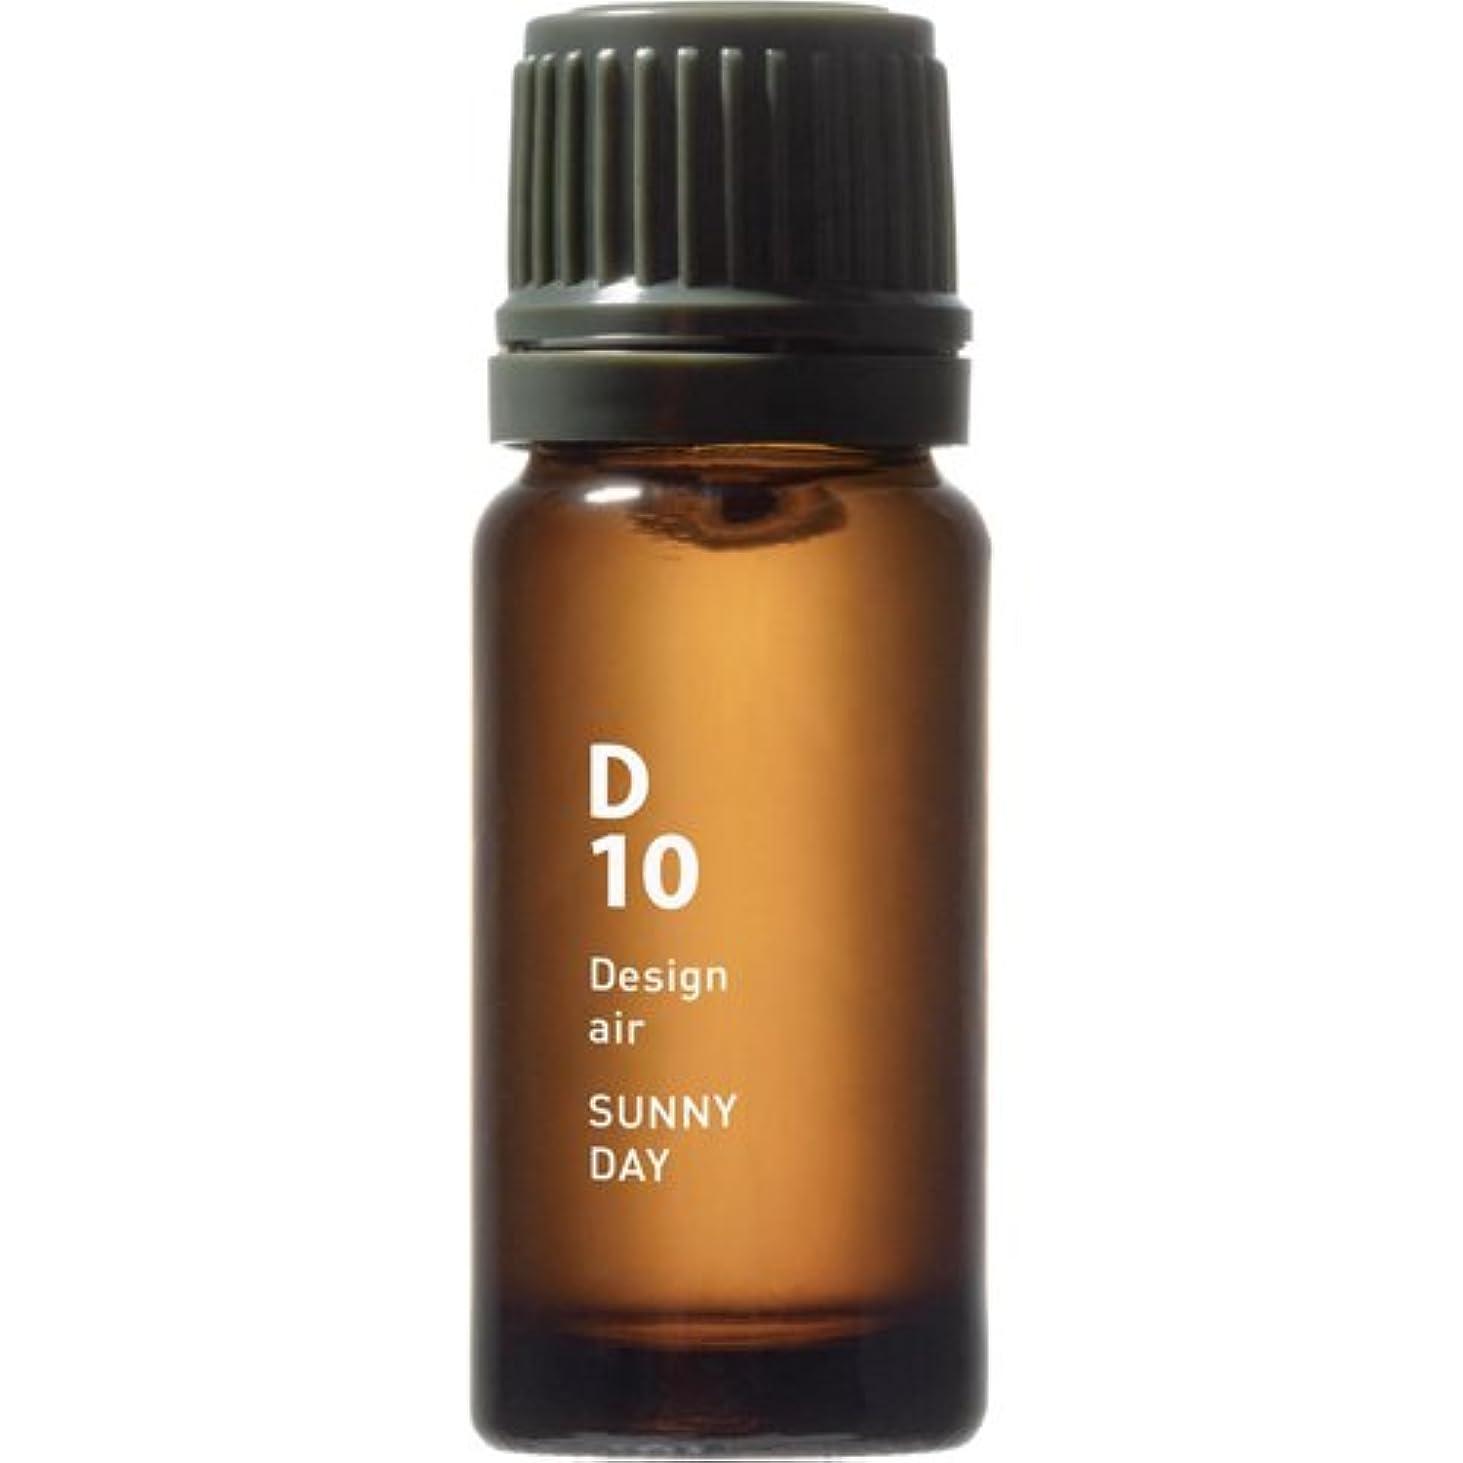 ミュージカル項目不適当D10 SUNNY DAY Design air 10ml